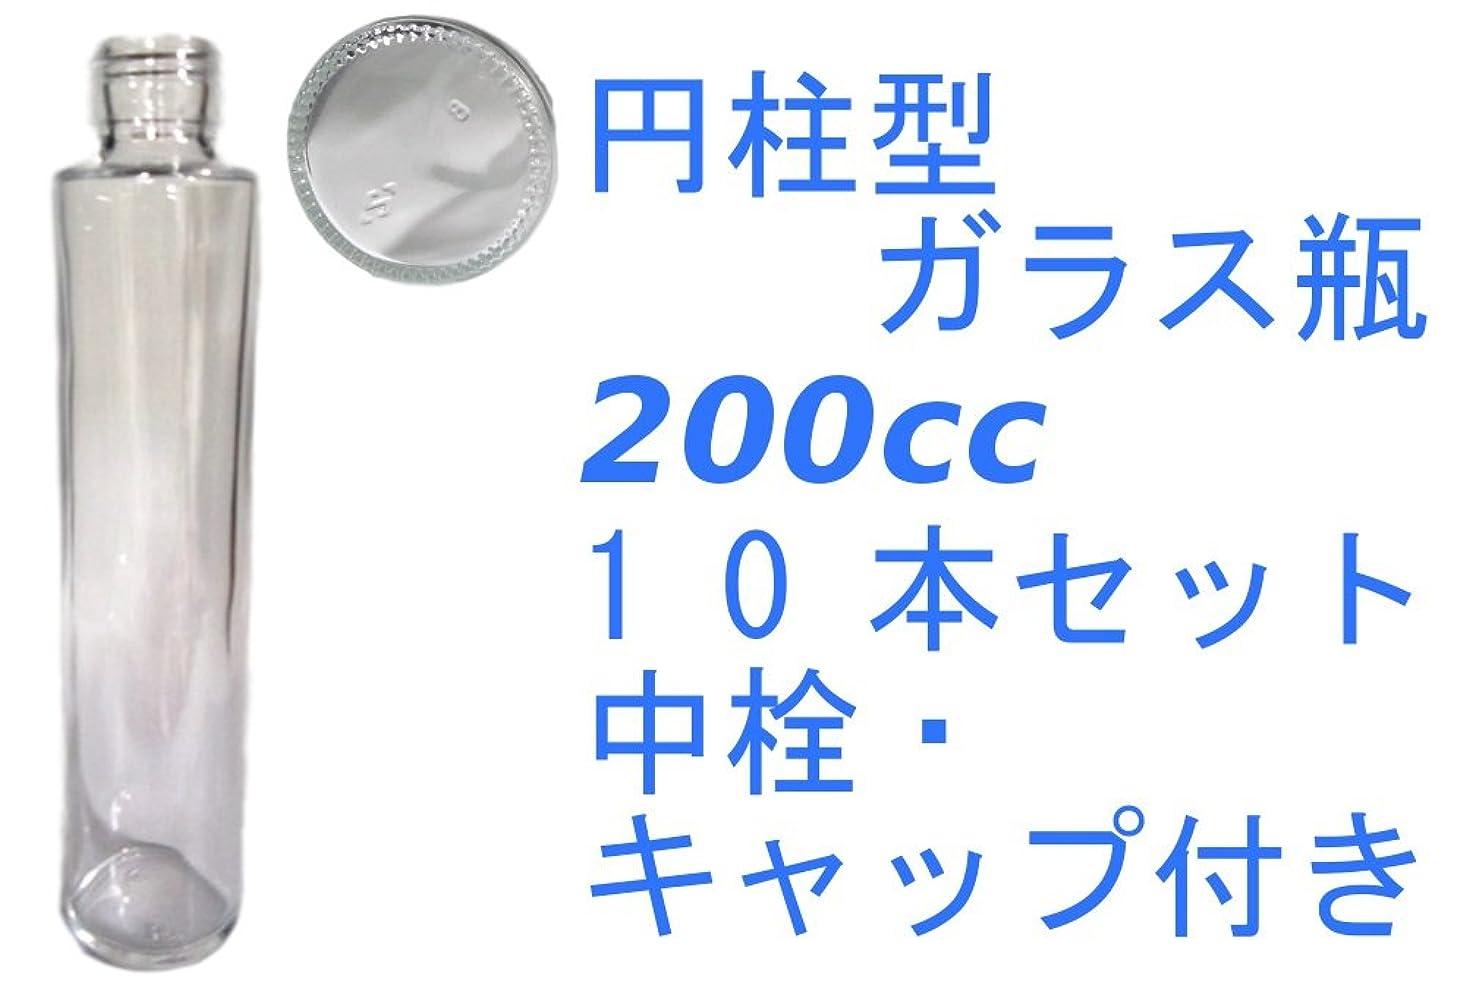 失敗言い直す作者(ジャストユーズ)JustU's 日本製 ポリ栓 中栓付き円柱型ガラス瓶 10本セット 200cc 200ml アロマディフューザー ハーバリウム 調味料 オイル タレ ドレッシング瓶 B10-SSS200A-A